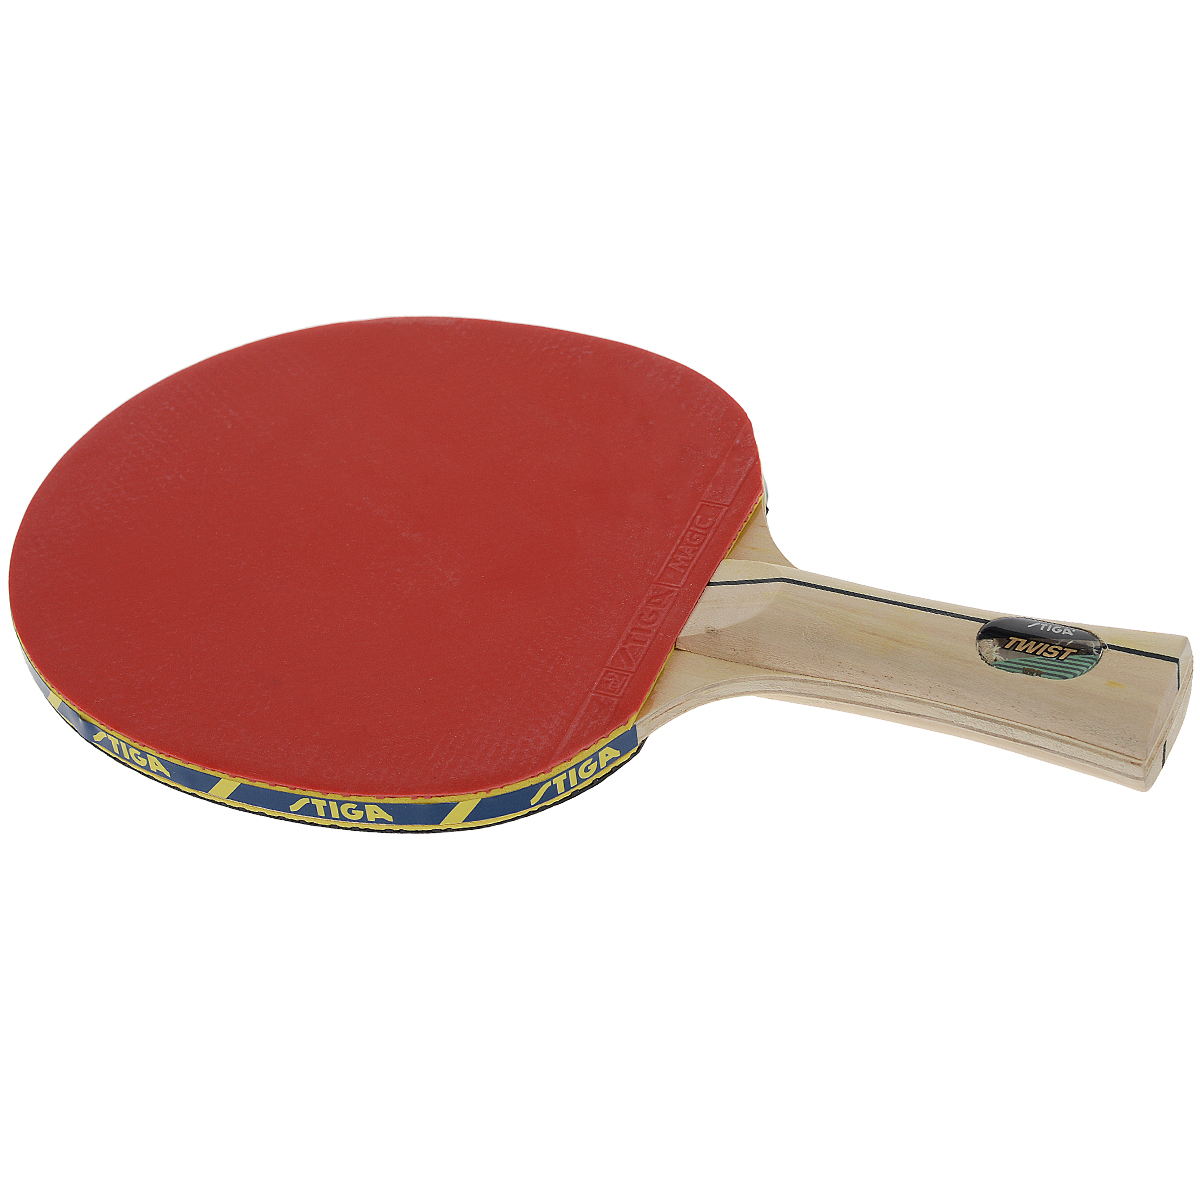 Ракетка для настольного тенниса Stiga Twist WRB52454Ракетка для настольного тенниса Stiga Twist WRB дает превосходное чувство мяча в сочетании с силой удара. Система WRB улучшает отскок, придает дополнительную силу удару и позволяет лучше чувствовать мяч.Основные характеристики:Контроль: 100.Скорость: 29.Кручение: 35.Характеристики указаны в расчете на диапазон от 0 до 100. Характеристики: Размер ракетки: 26 см х 15 см. Длина ручки: 10 см. Материал: дерево, резина. Размер упаковки: 26 см х 15 см х 2 см. Производитель: Китай. Артикул: 26617.